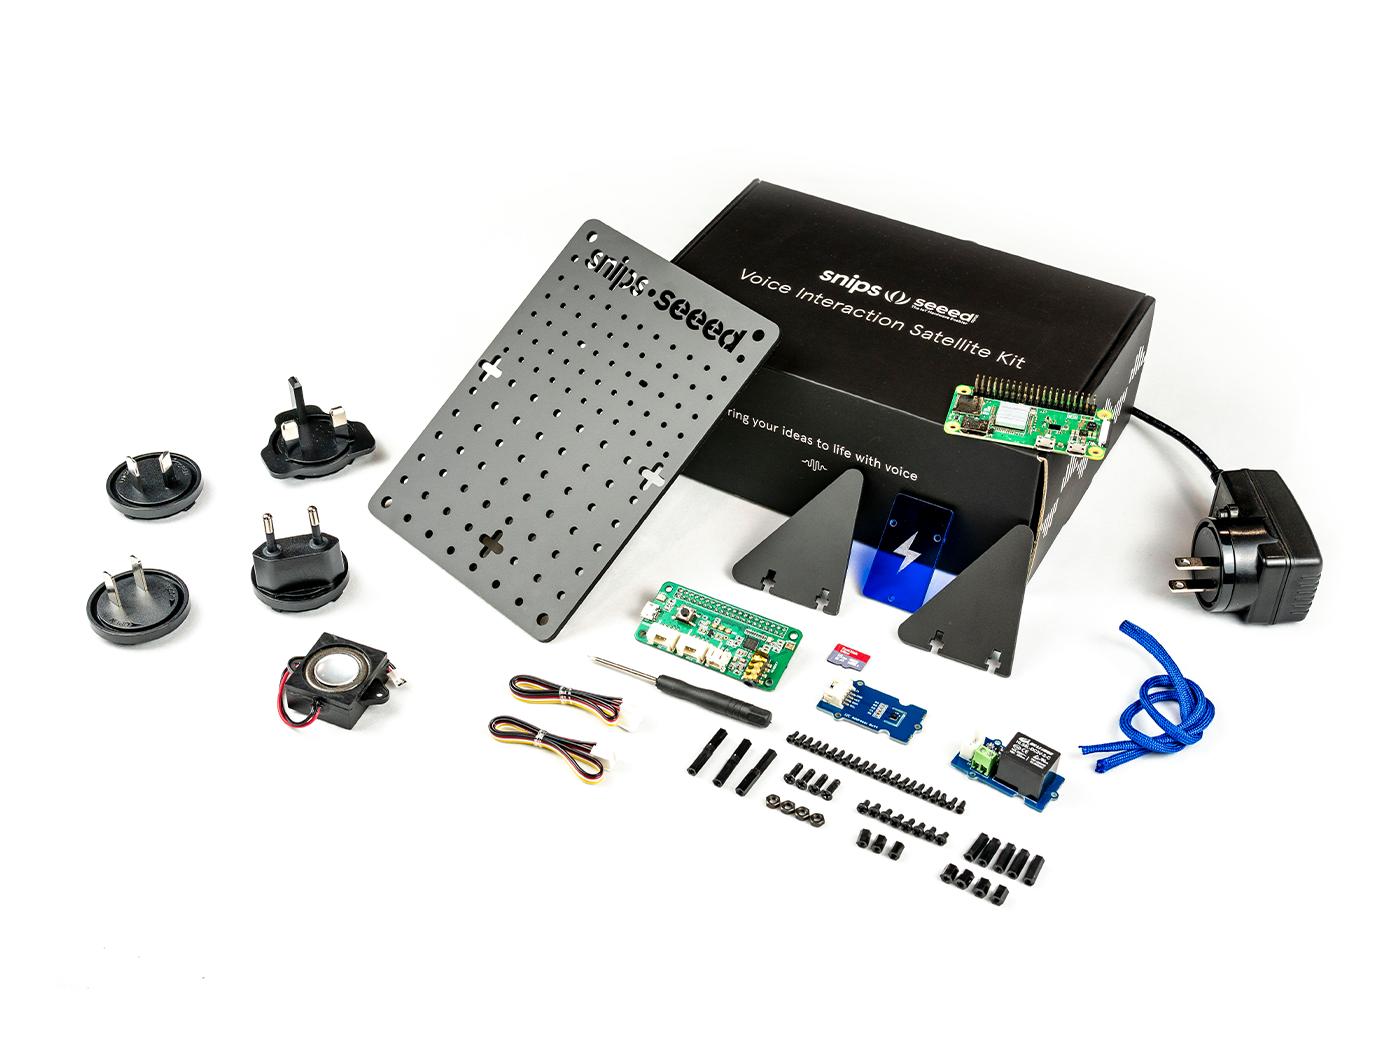 Snips Voice Interaction Satellite Kit